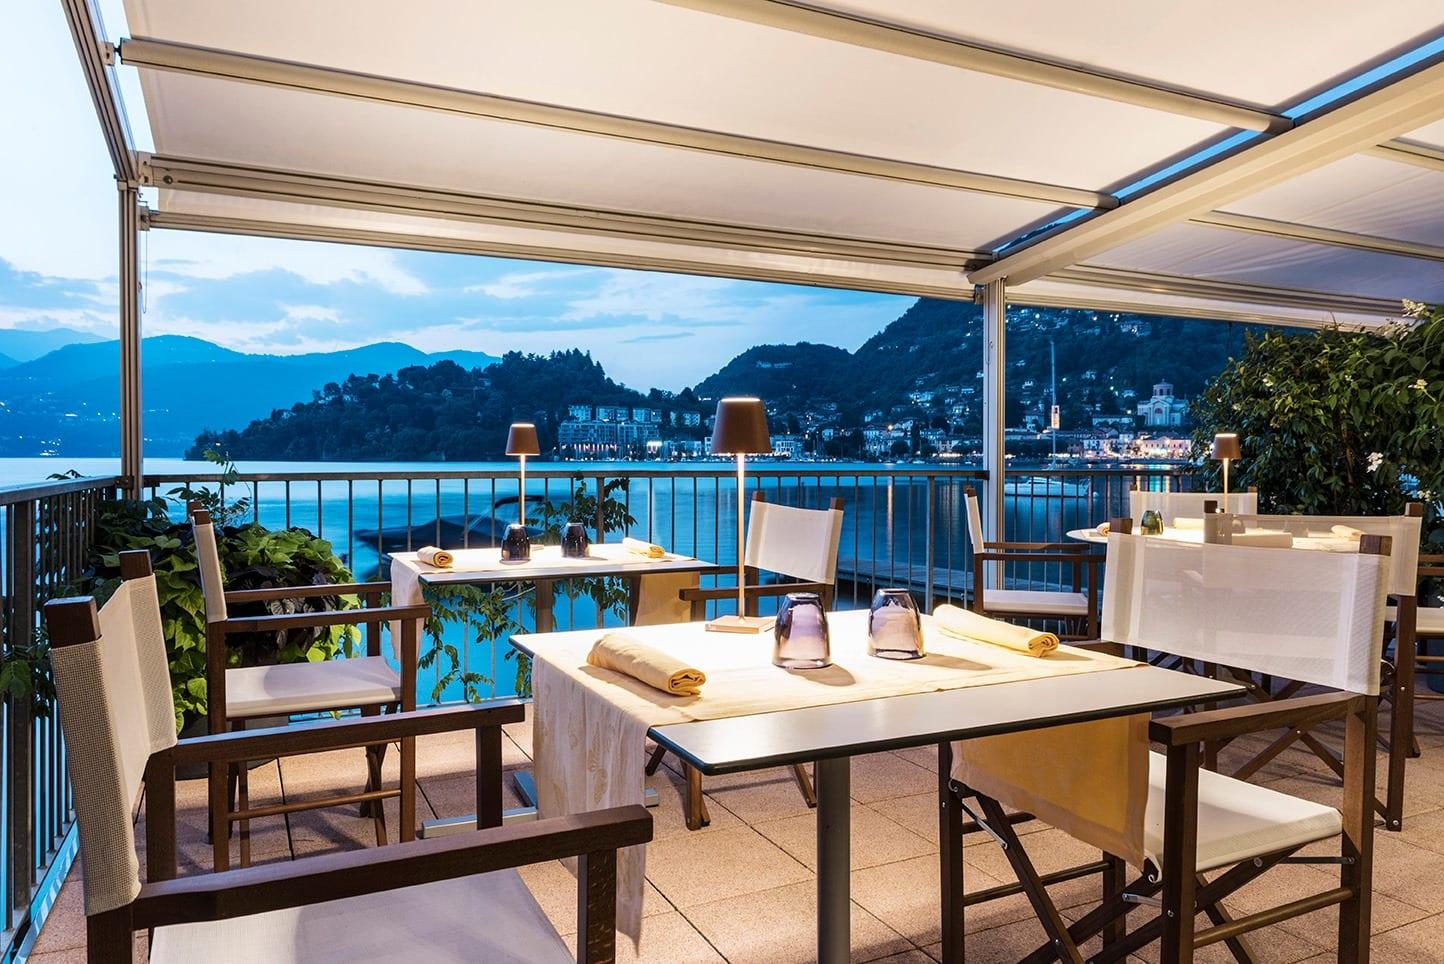 Terrazza con vista sul lago al tavolo dell'hotel Porticciolo